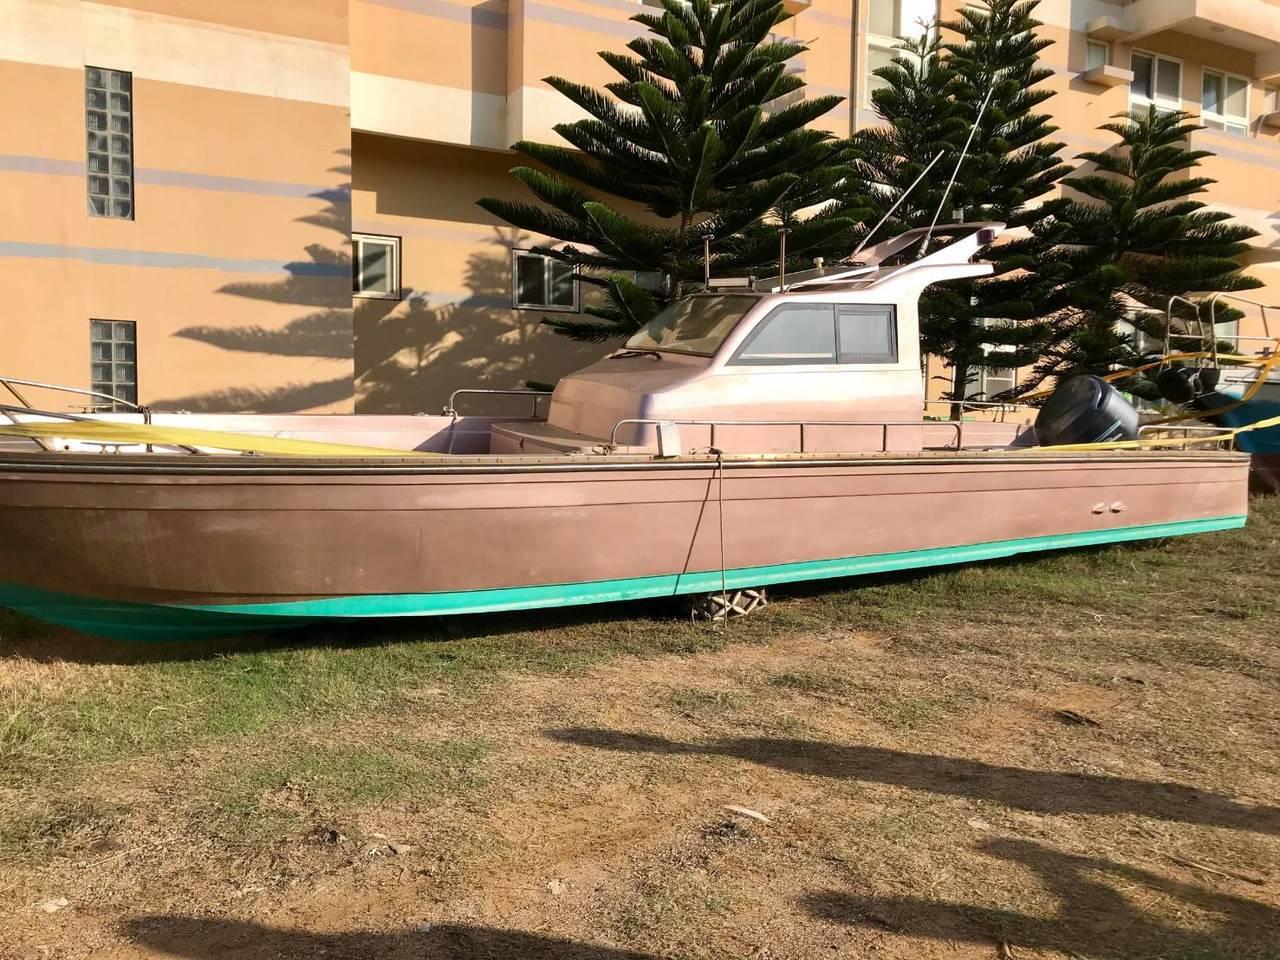 作案用的「海陽號」快艇。記者林伯驊/翻攝